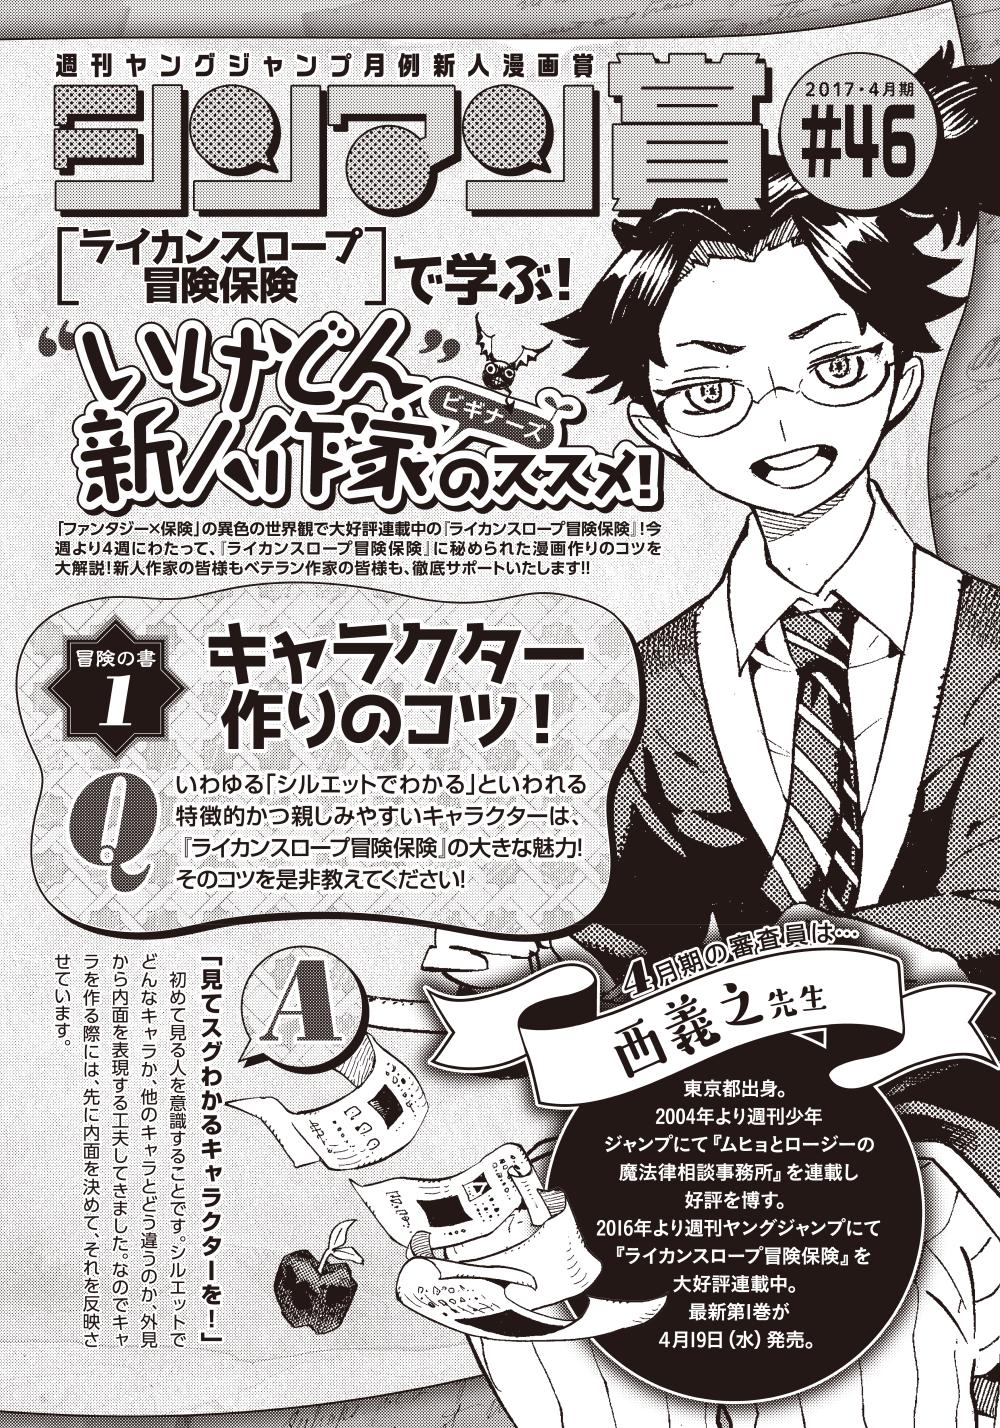 ライカンスロープ冒険保険のここがすごい!!